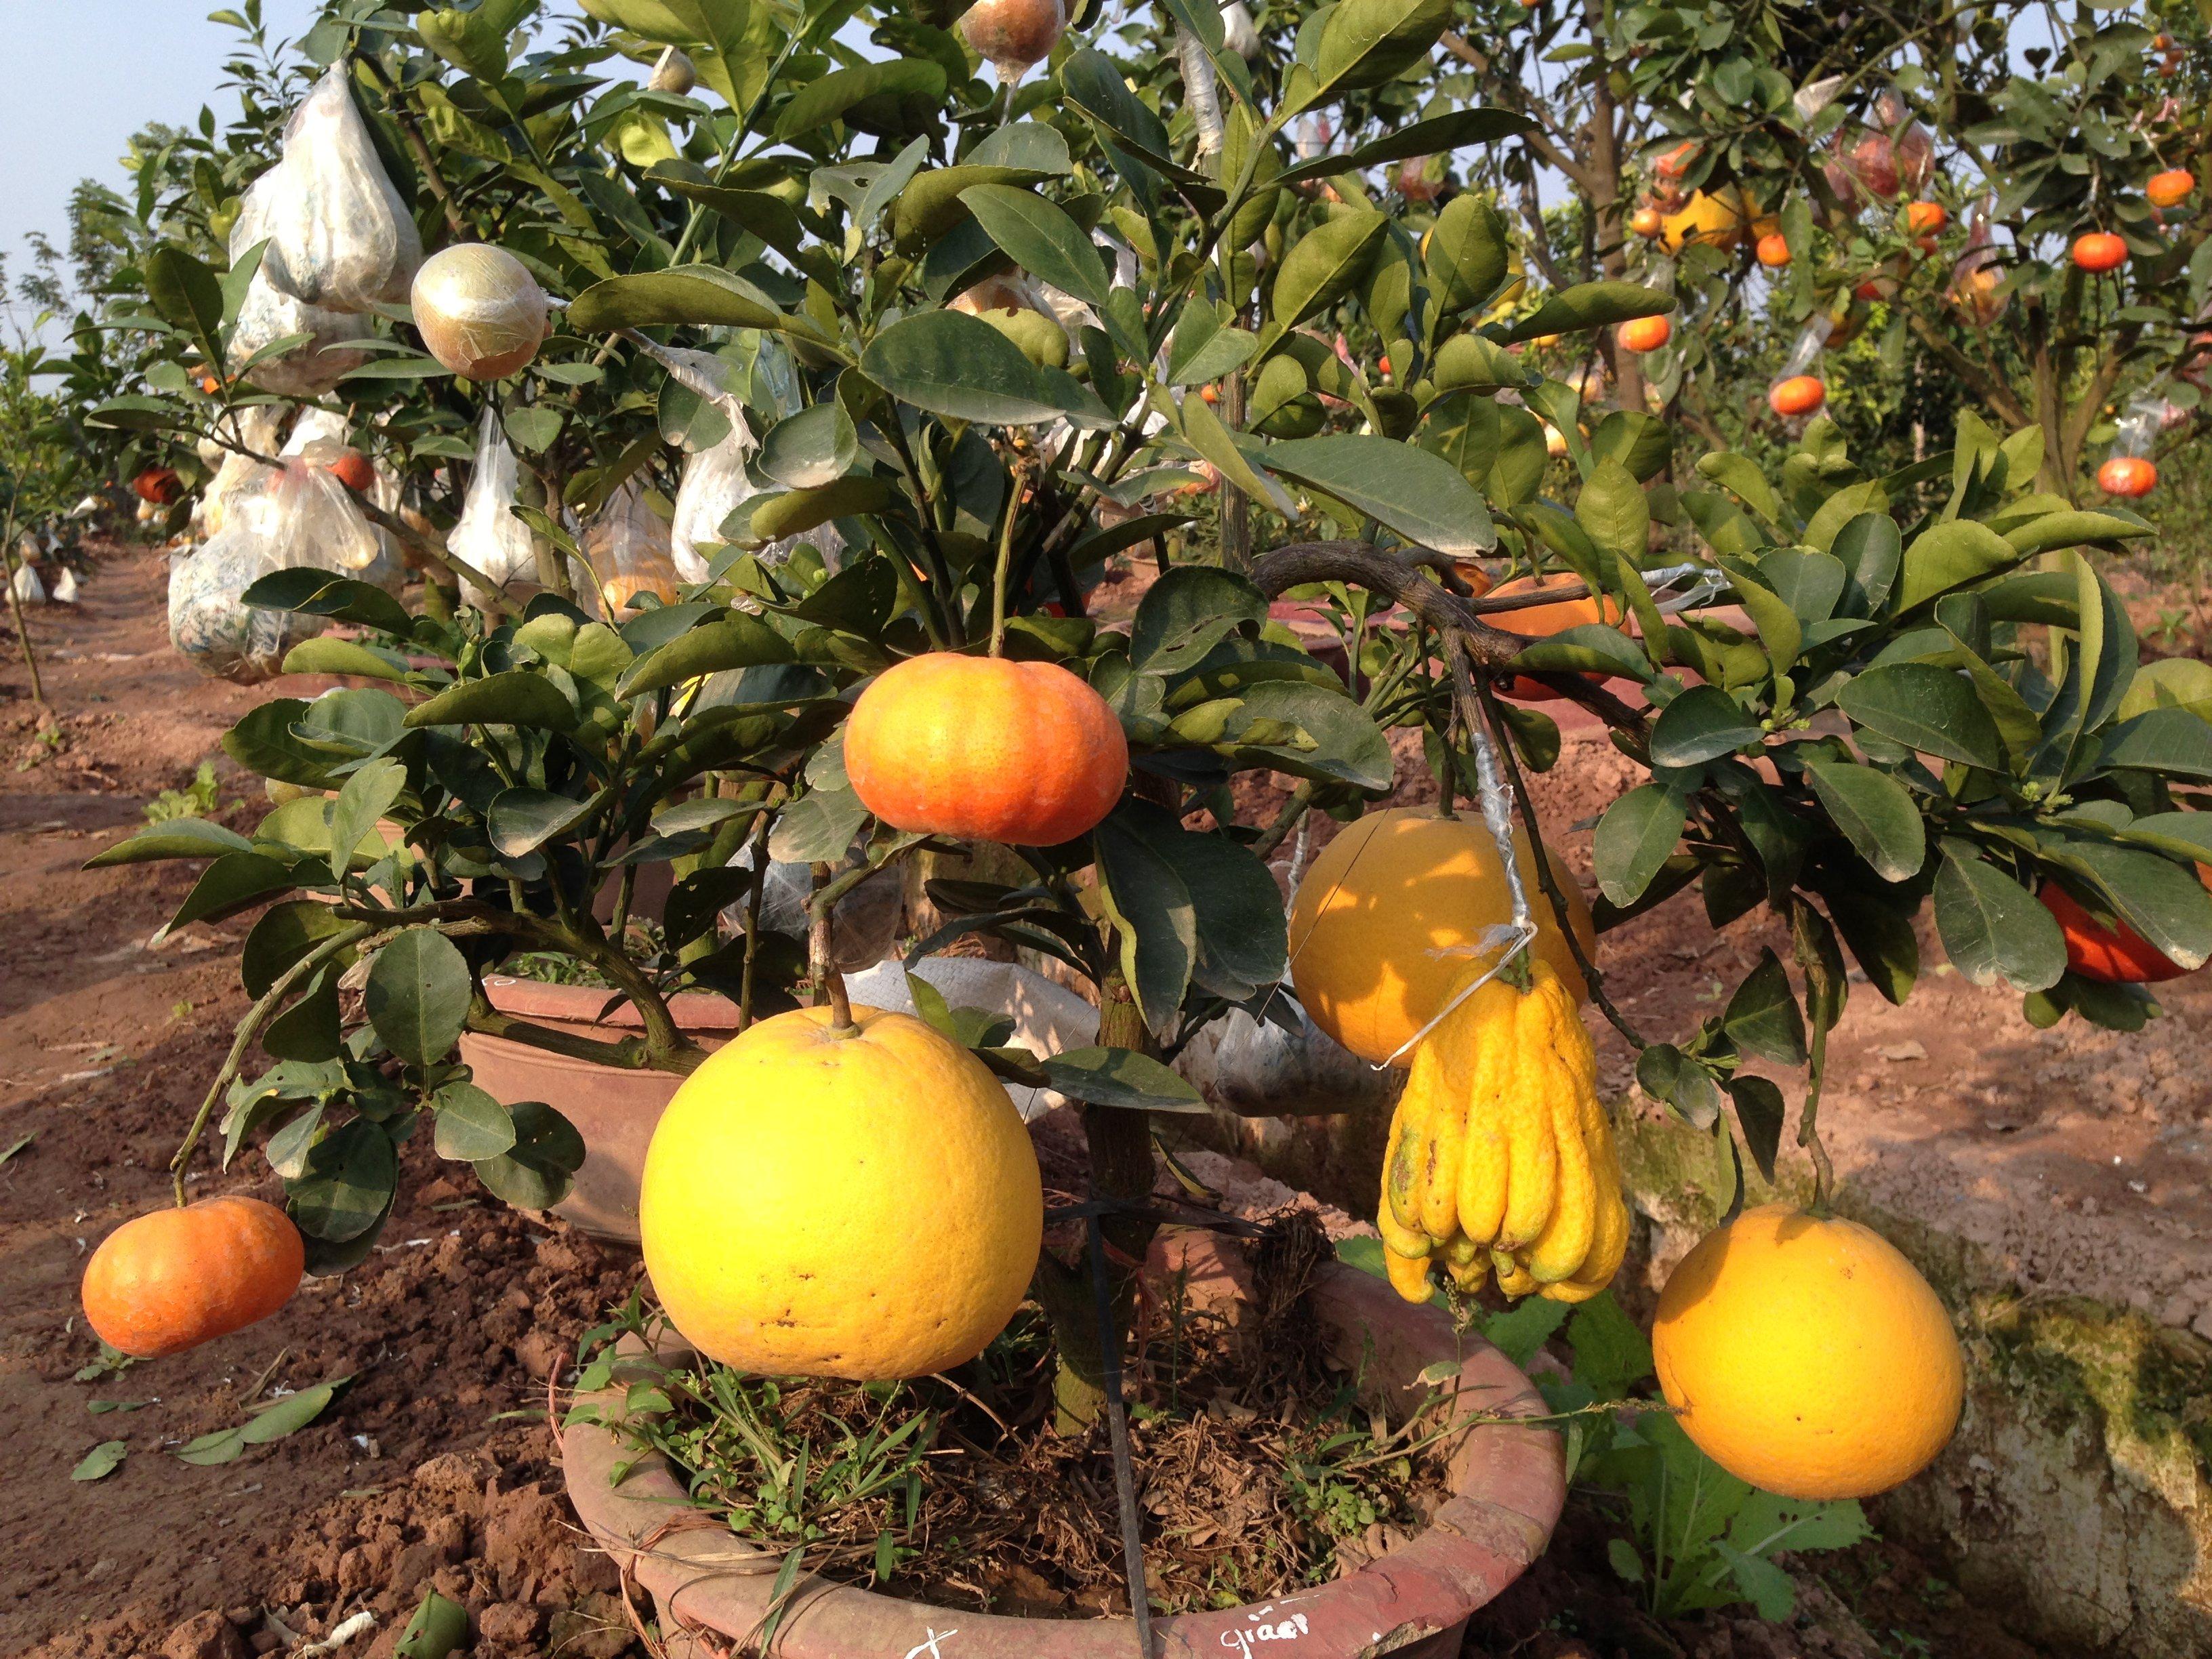 Chiêm ngưỡng vườn cây Ngũ – Thất - Cửu quả bạc tỷ của lão nông Hà thành 12